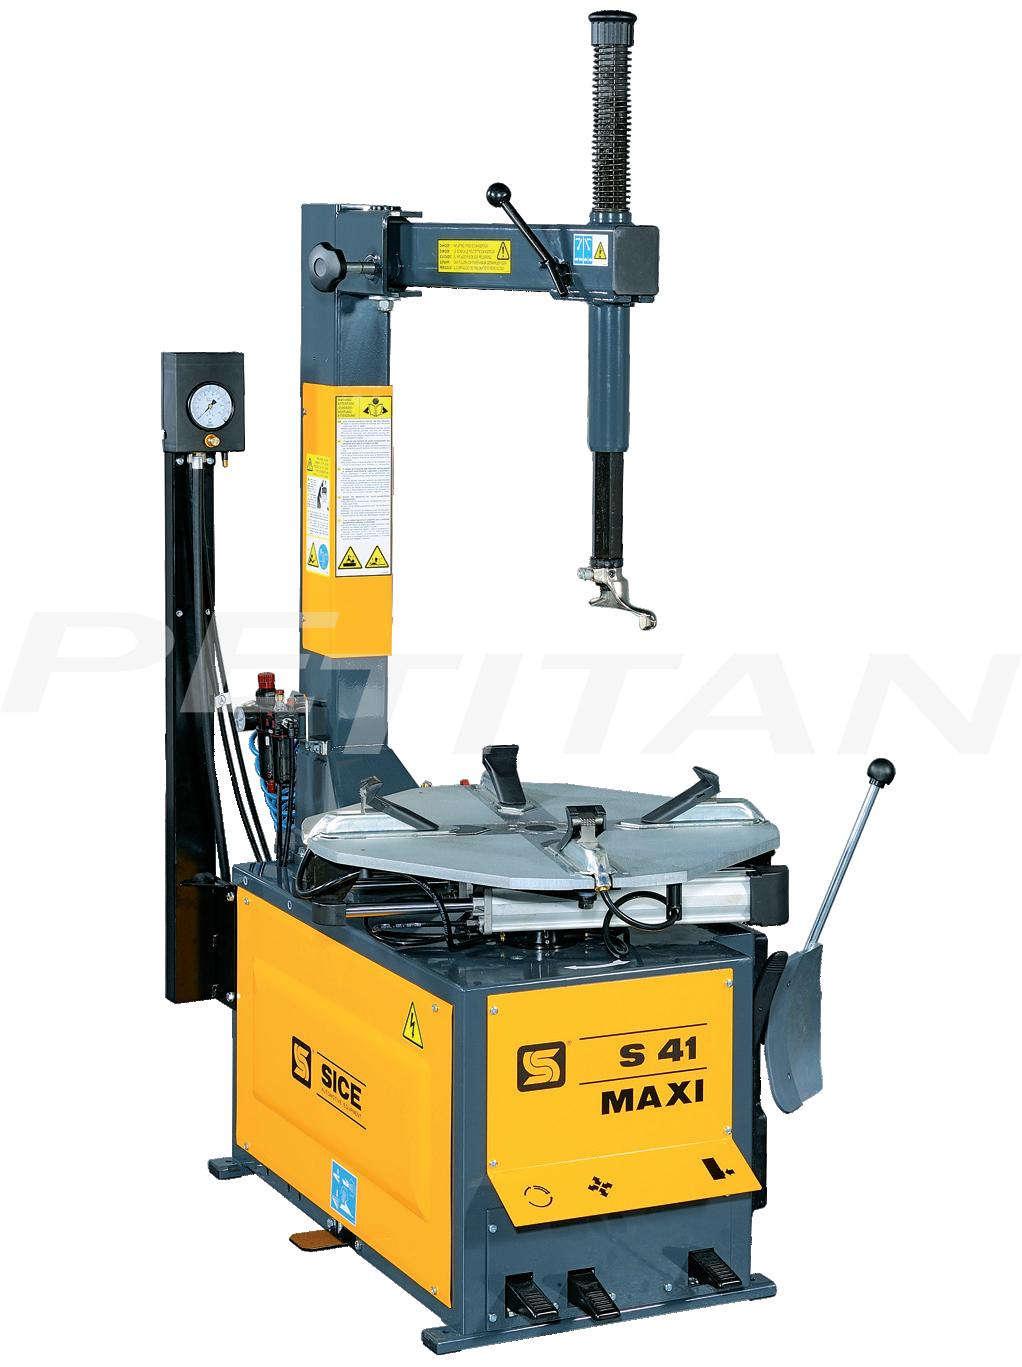 Sice S41 MAXI félautomata kerékszerelő 1